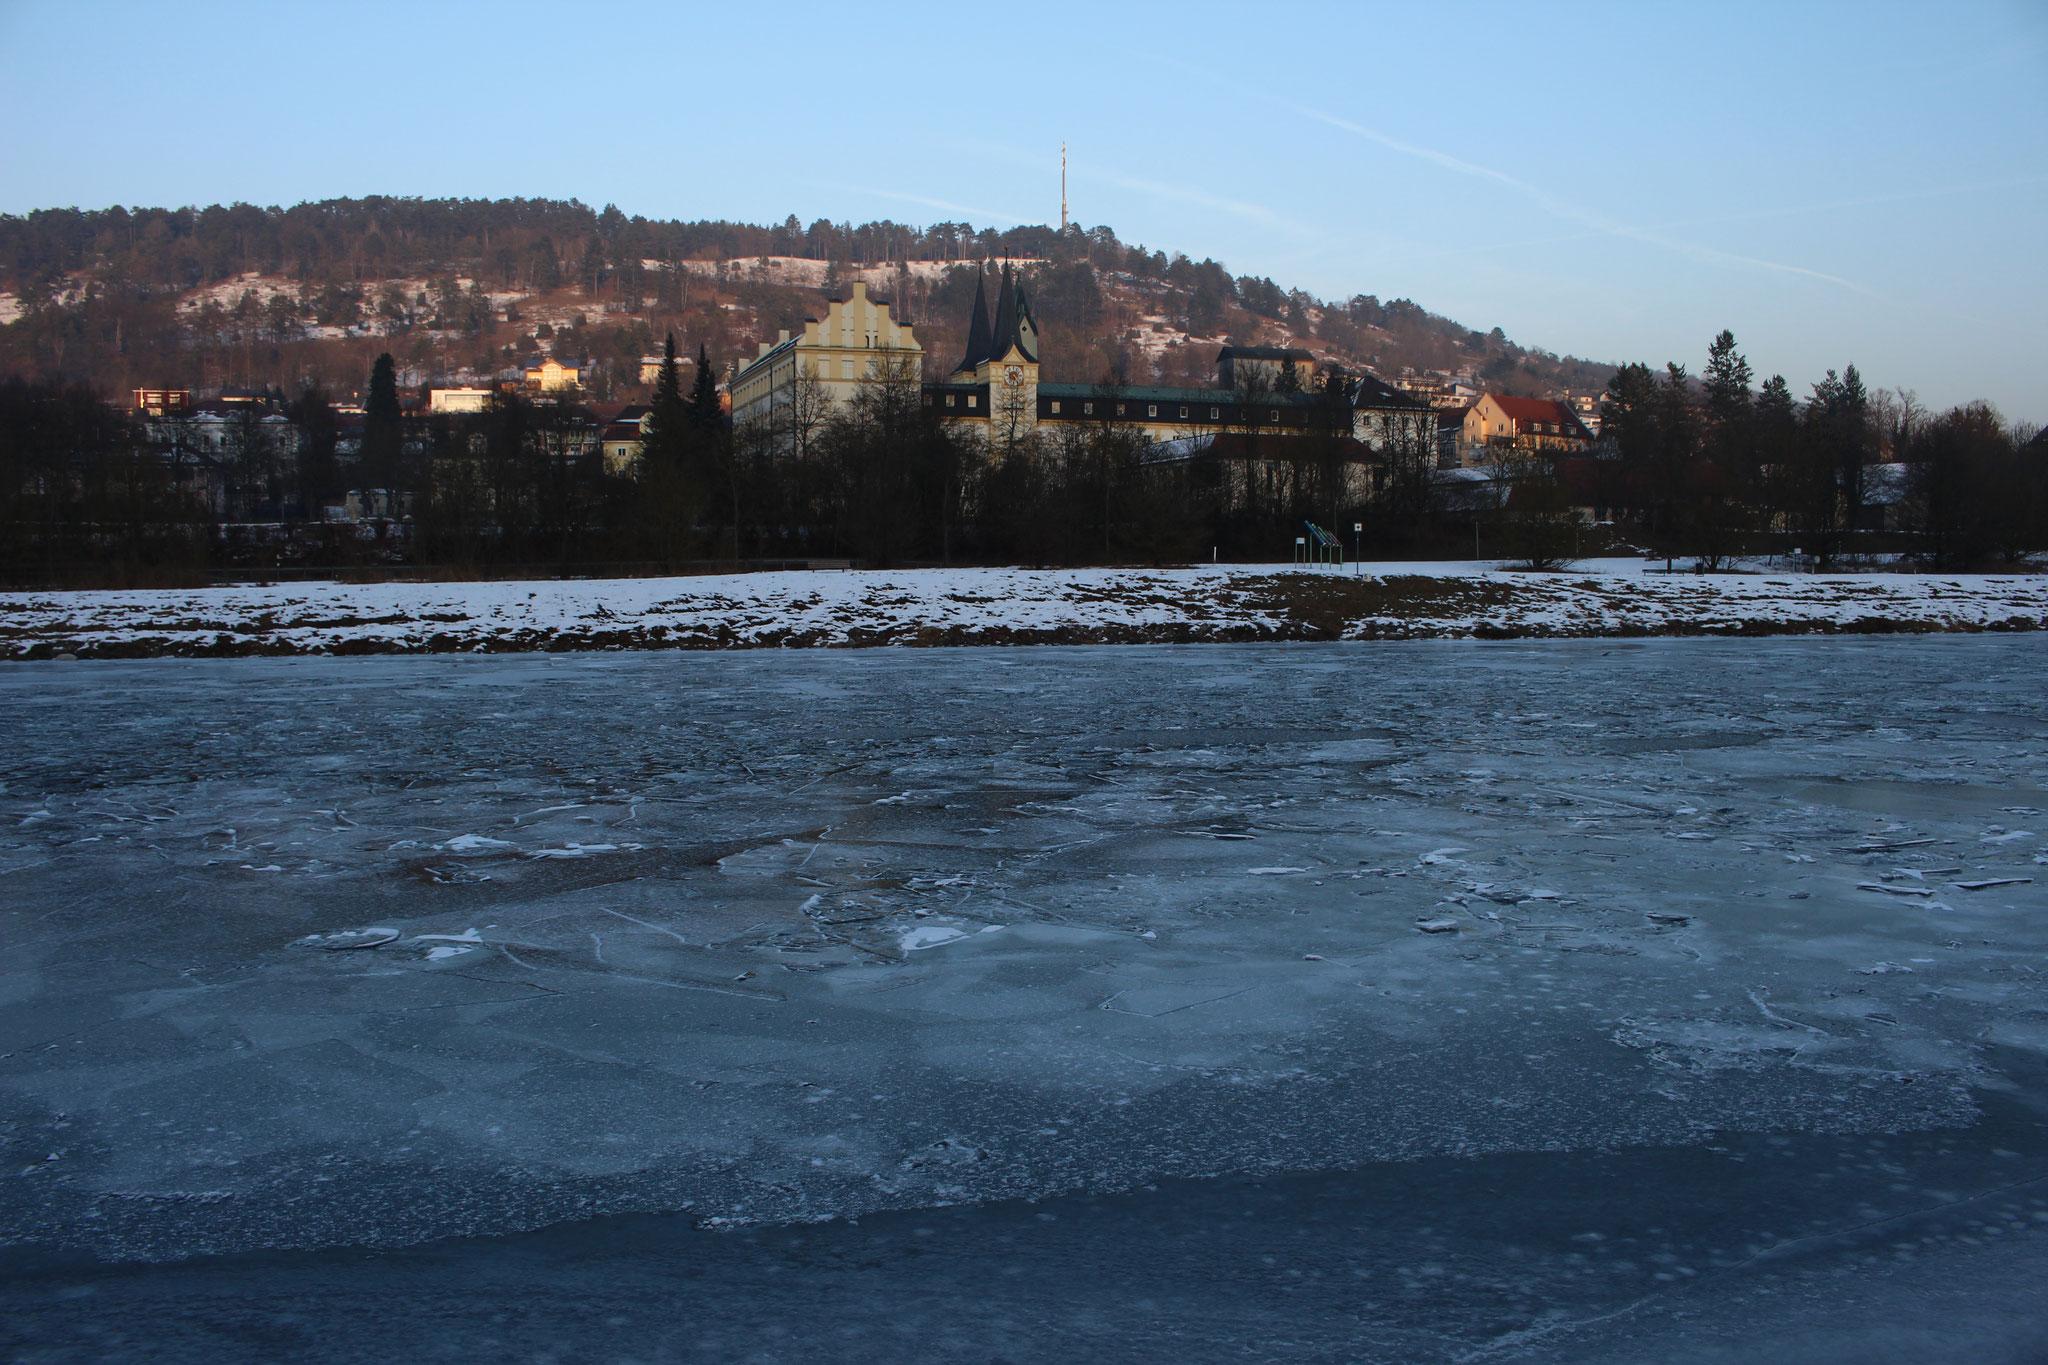 Kloster St. Anna Riedenburg